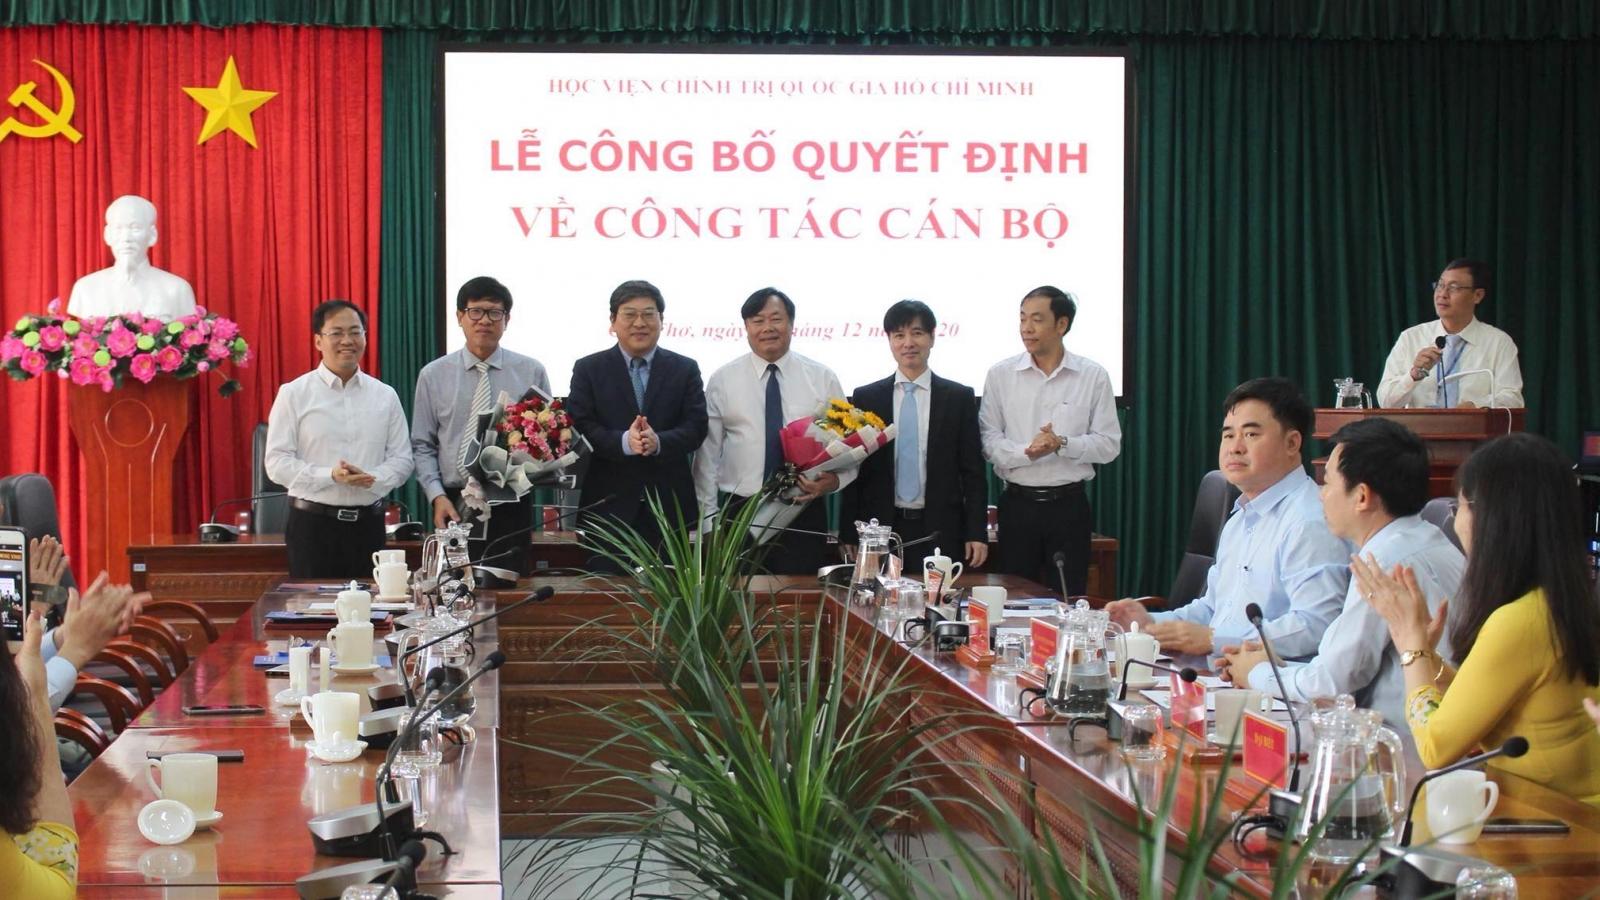 Bổ nhiệm Giám đốc Học viện Chính trị khu vực II và khu vực IV